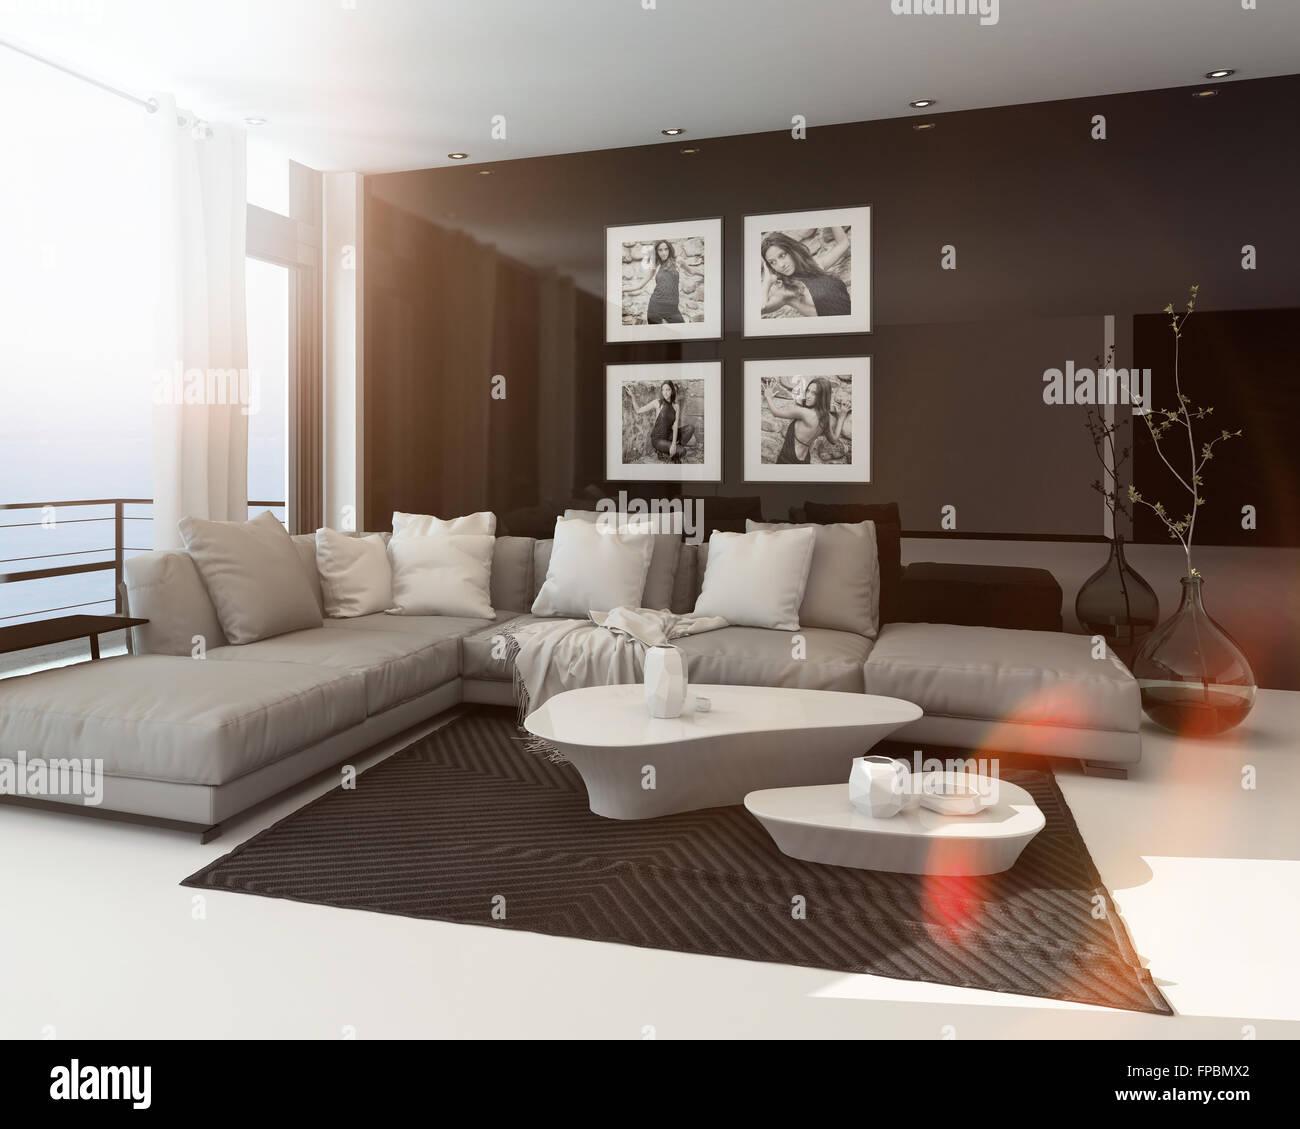 Warme Sonnige Moderne Wohnzimmer Interieur Mit Sonne Streulicht Durch Eine  Große, Deckenhohe Fenster, Kunst An Der Dunklen Akzent Wand Und Einer  Gemütlichen ...